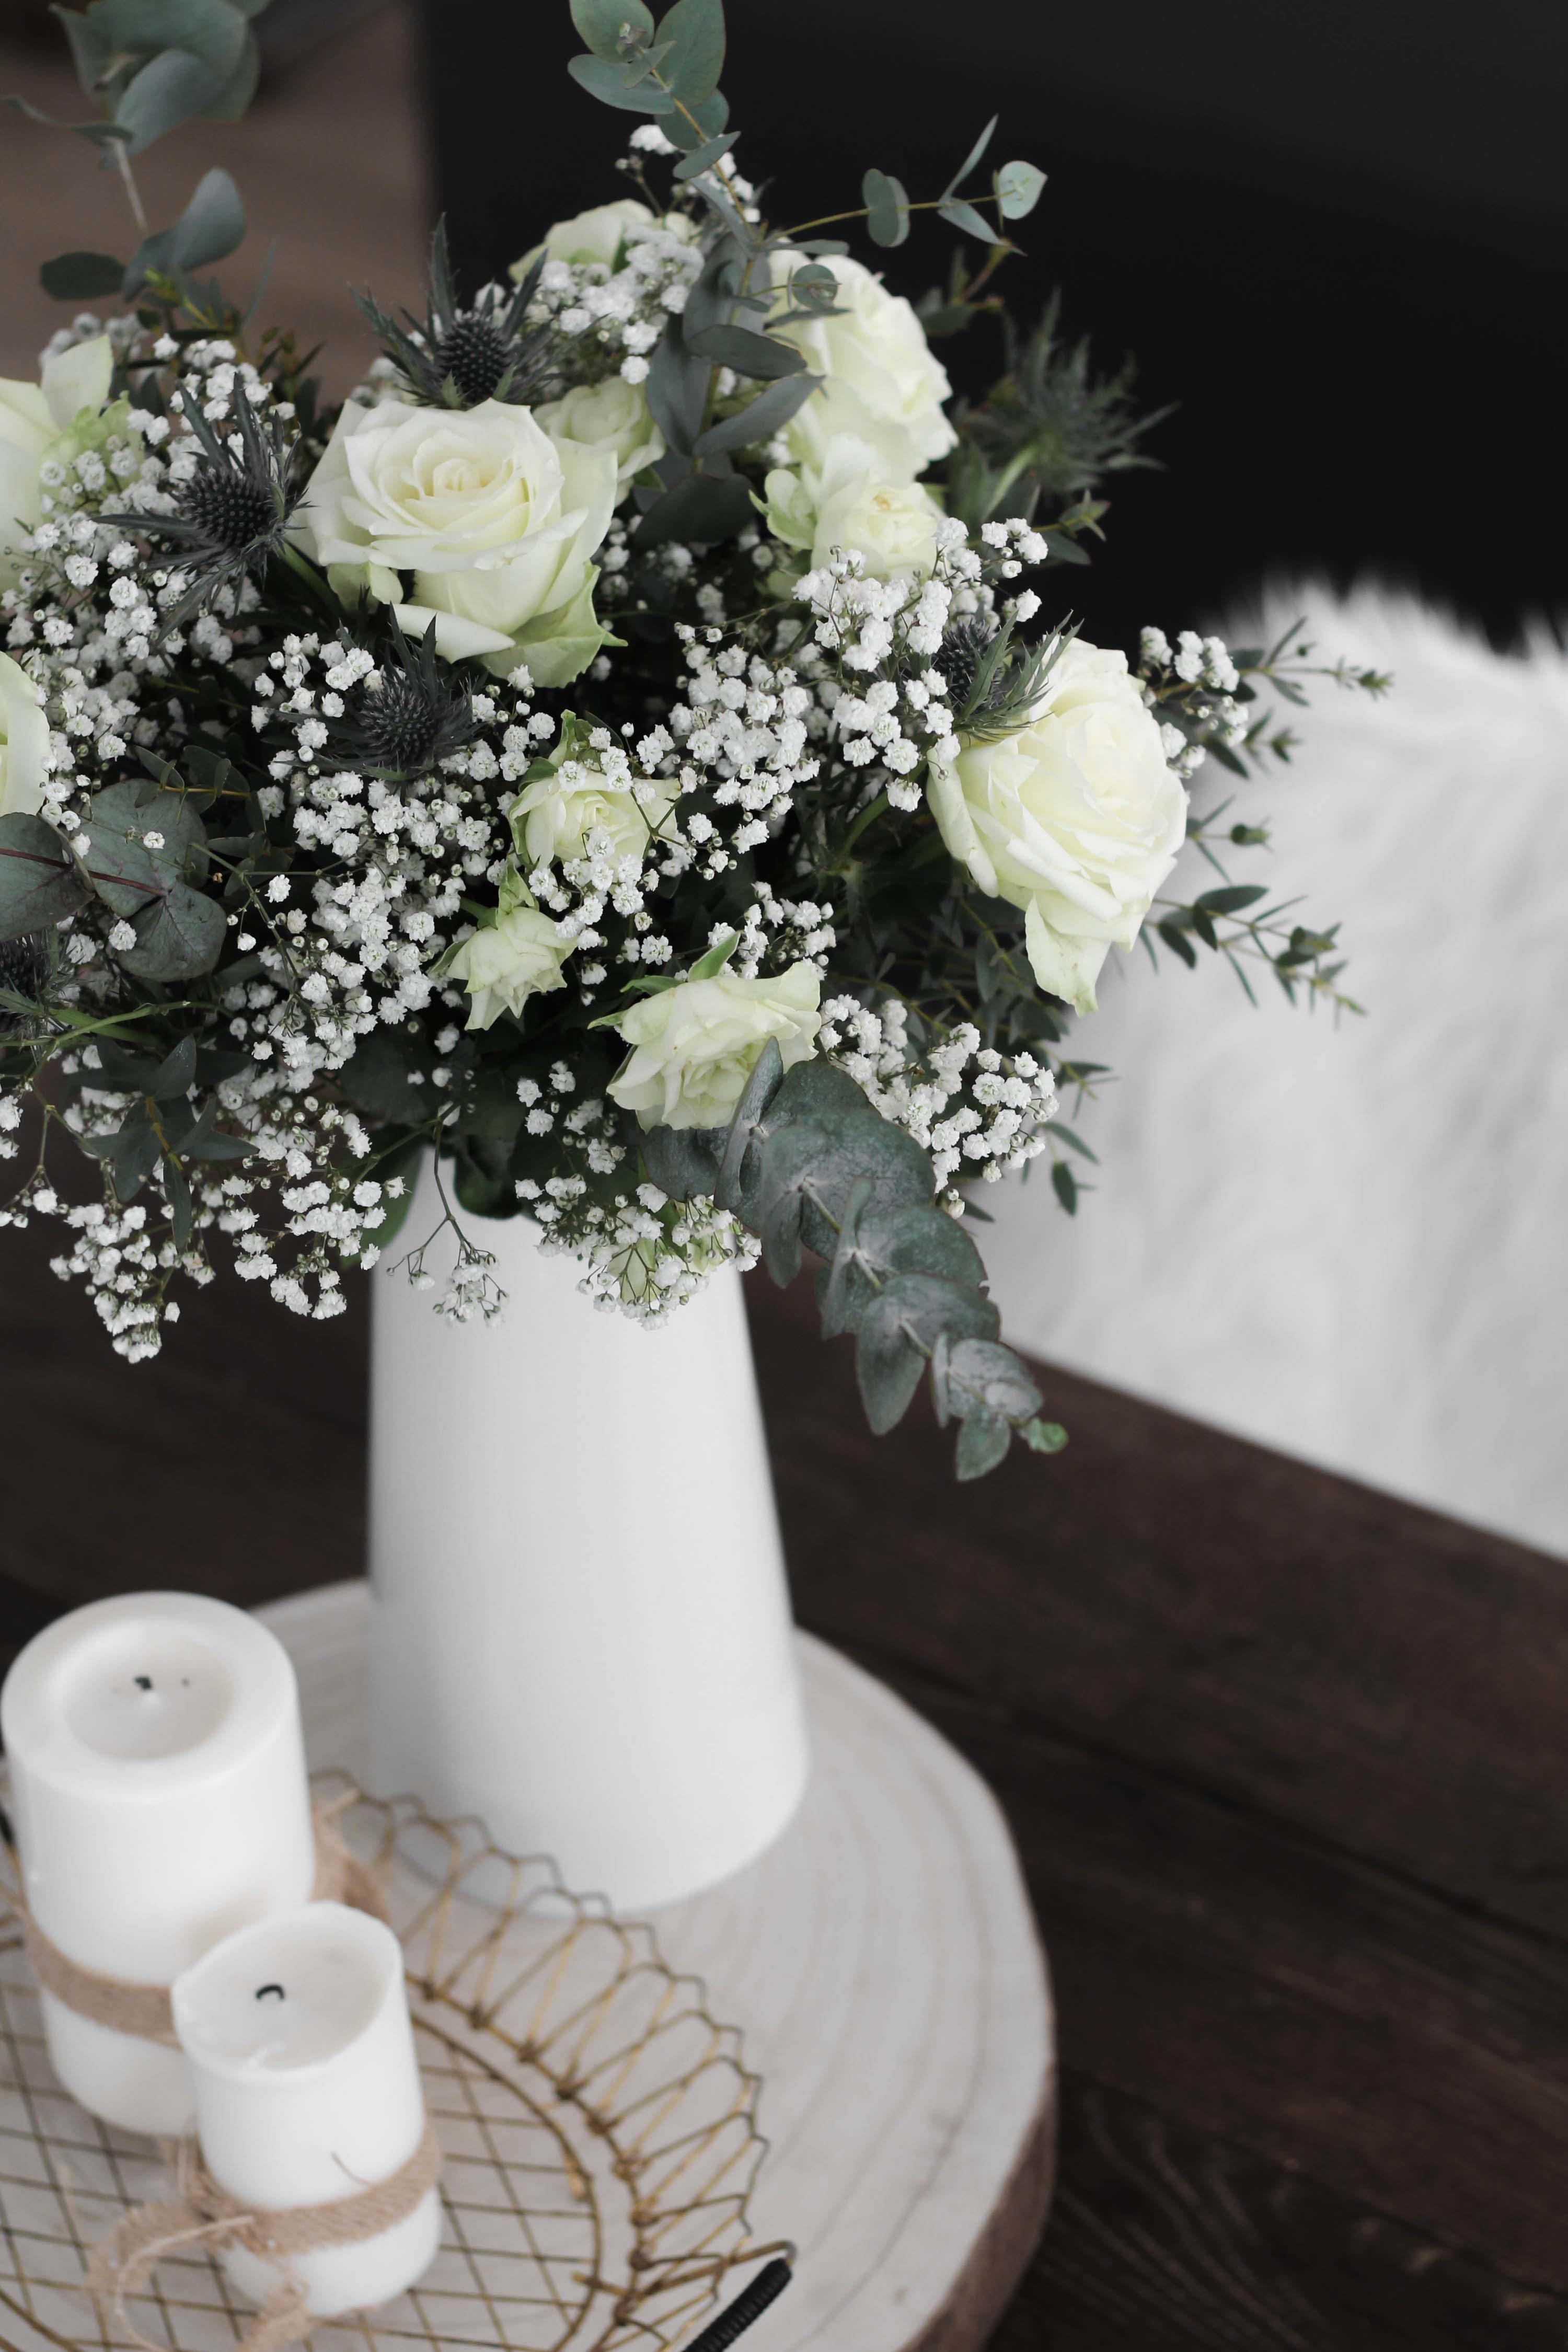 Le jardin des fleurs dans mon salon L\'instantFlo